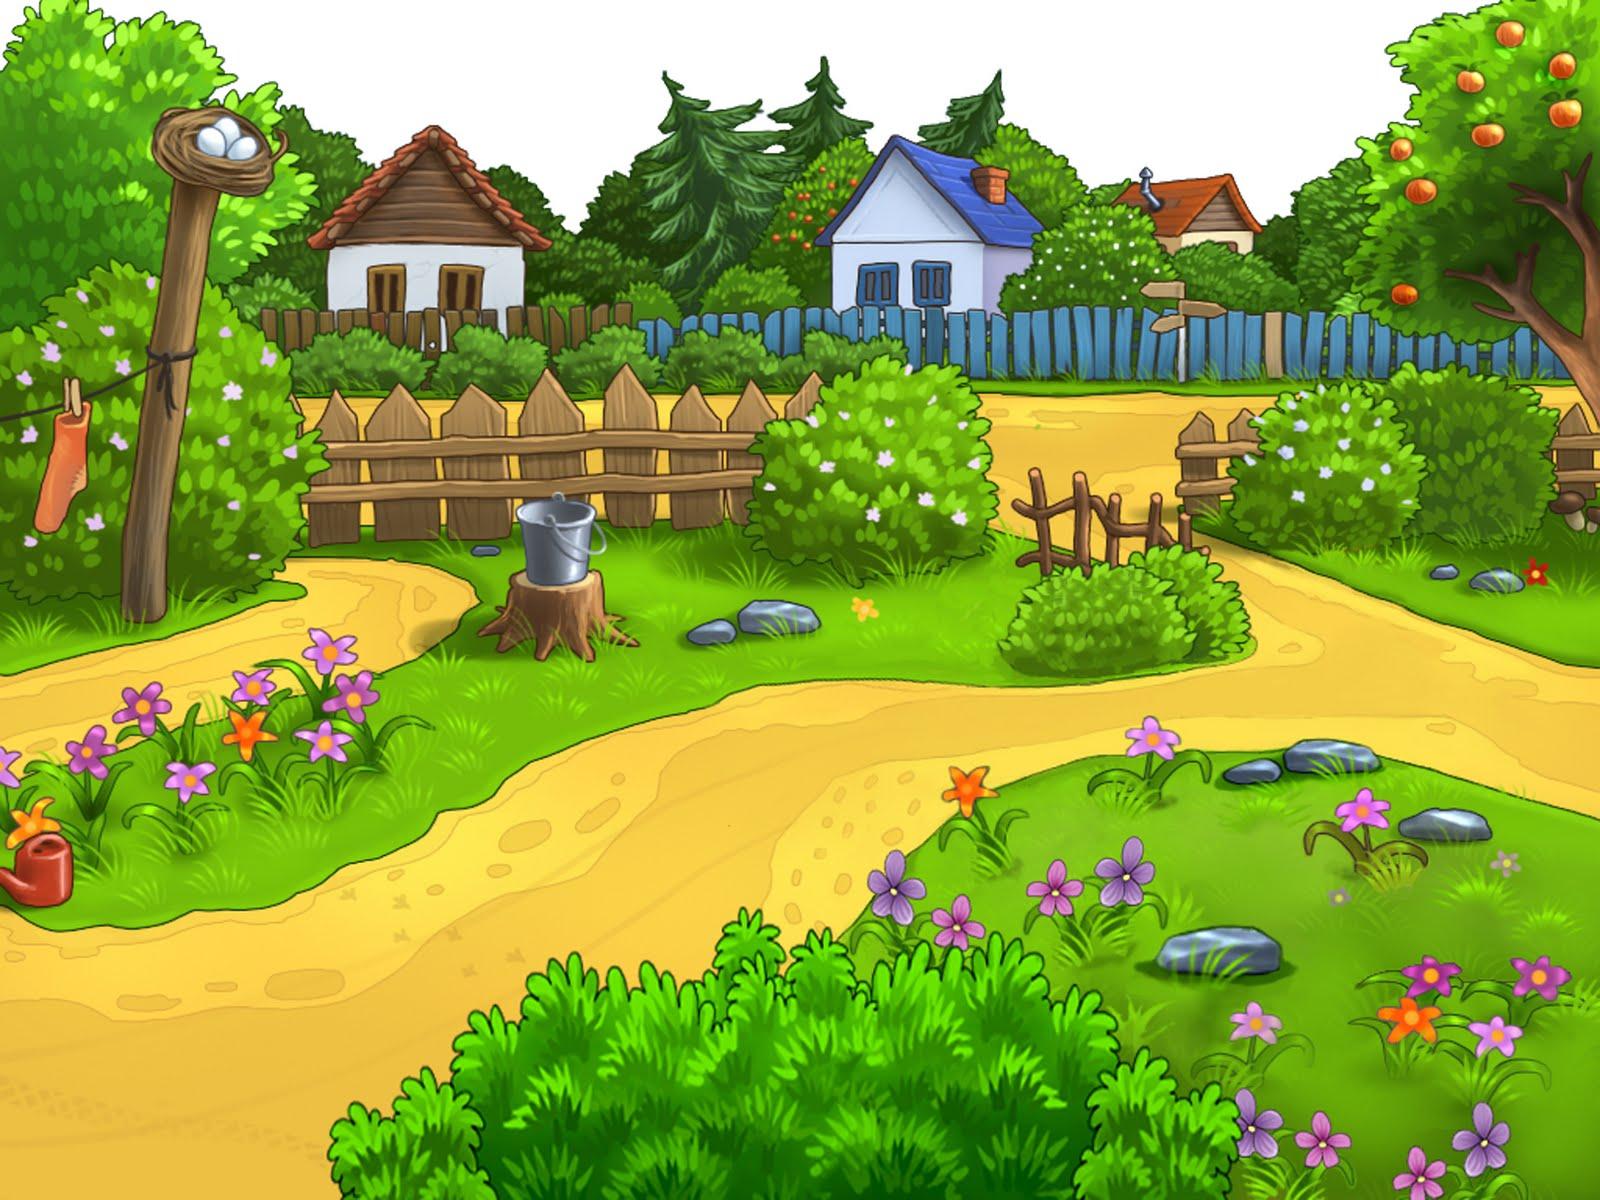 Fondos de dibujos infantiles fondos de pantalla y mucho m s for Un jardin con enanitos letra